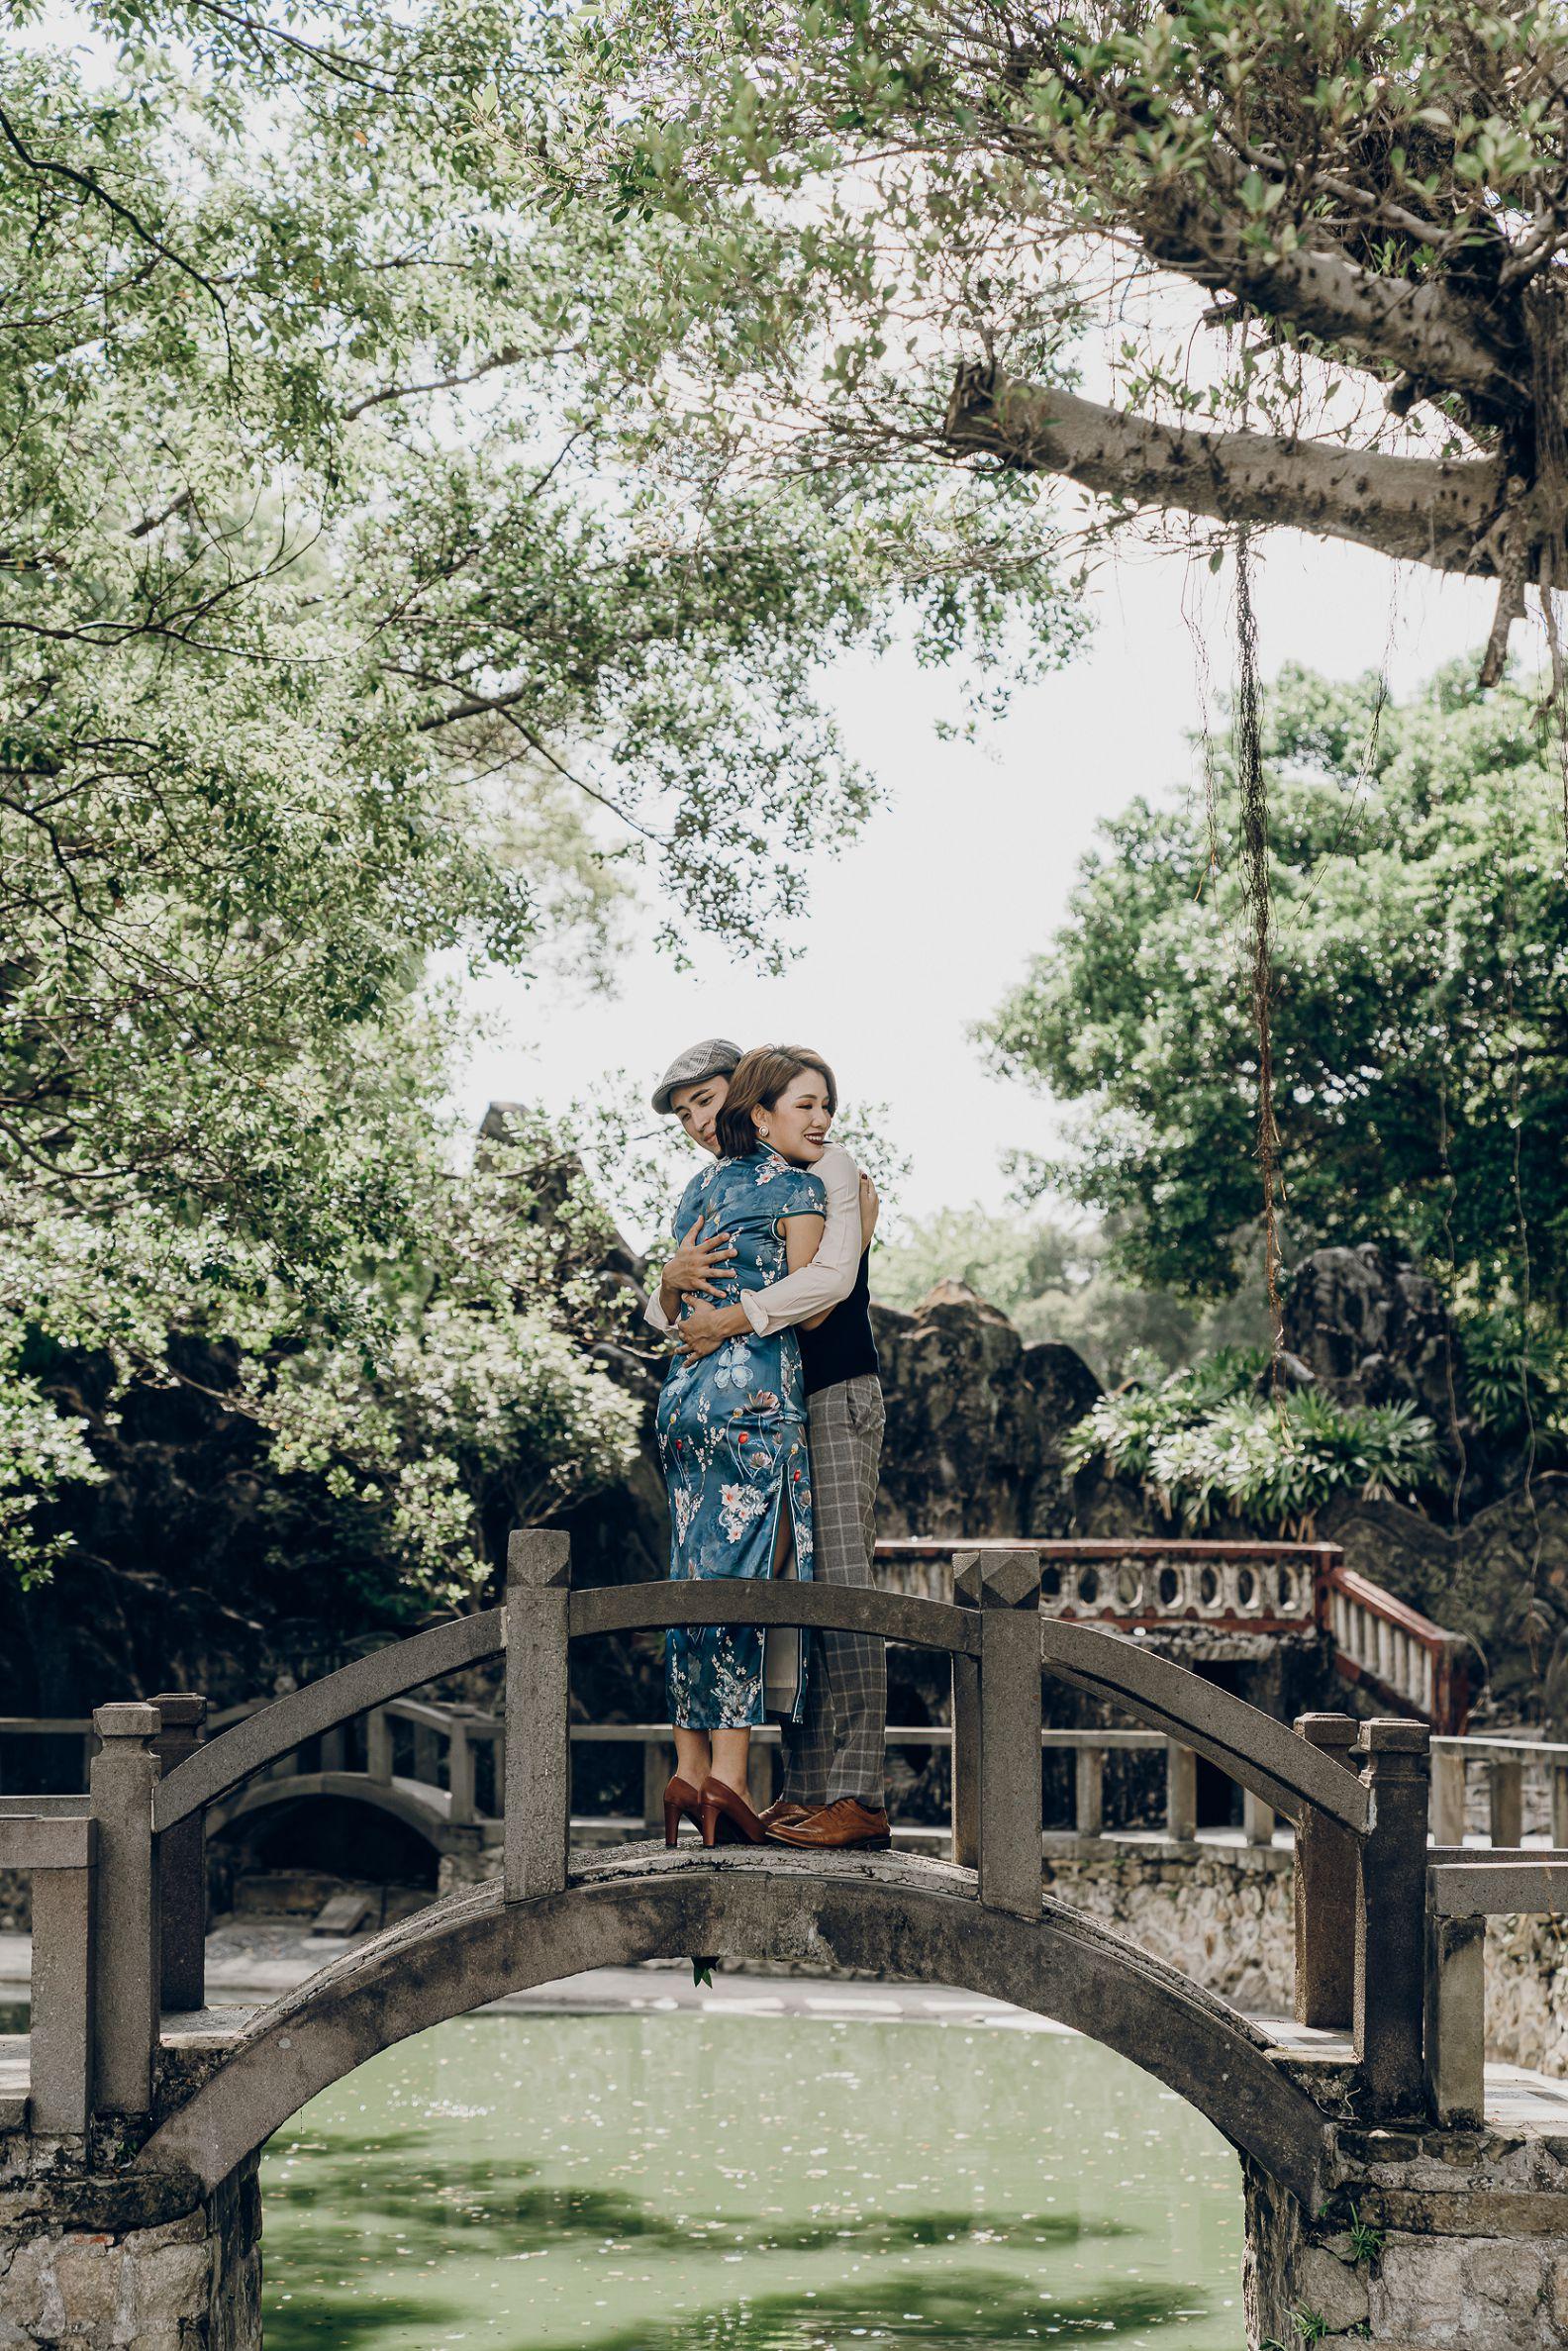 自助婚紗,婚紗攝影,台北婚紗,攝影工作室,七顆梨,西服,旗袍,外拍,林家花園,海邊,造型,新秘,新娘物語推薦,ptt推薦,便服婚紗,